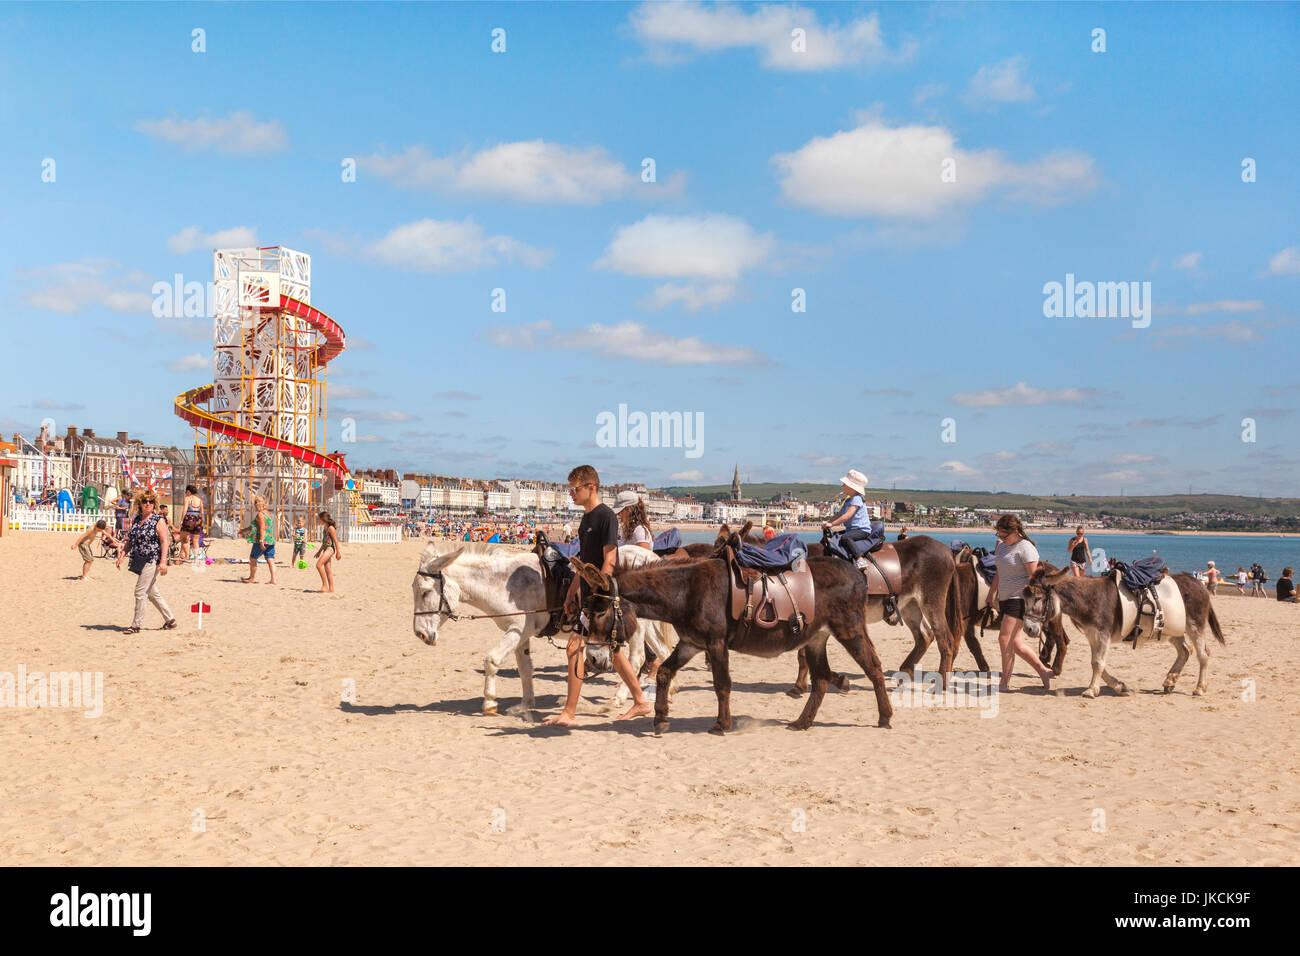 El 2 de julio de 2017: Weymouth, Dorset, Inglaterra, Reino Unido - paseos en burro en la playa de Weymouth, en Dorset, Imagen De Stock